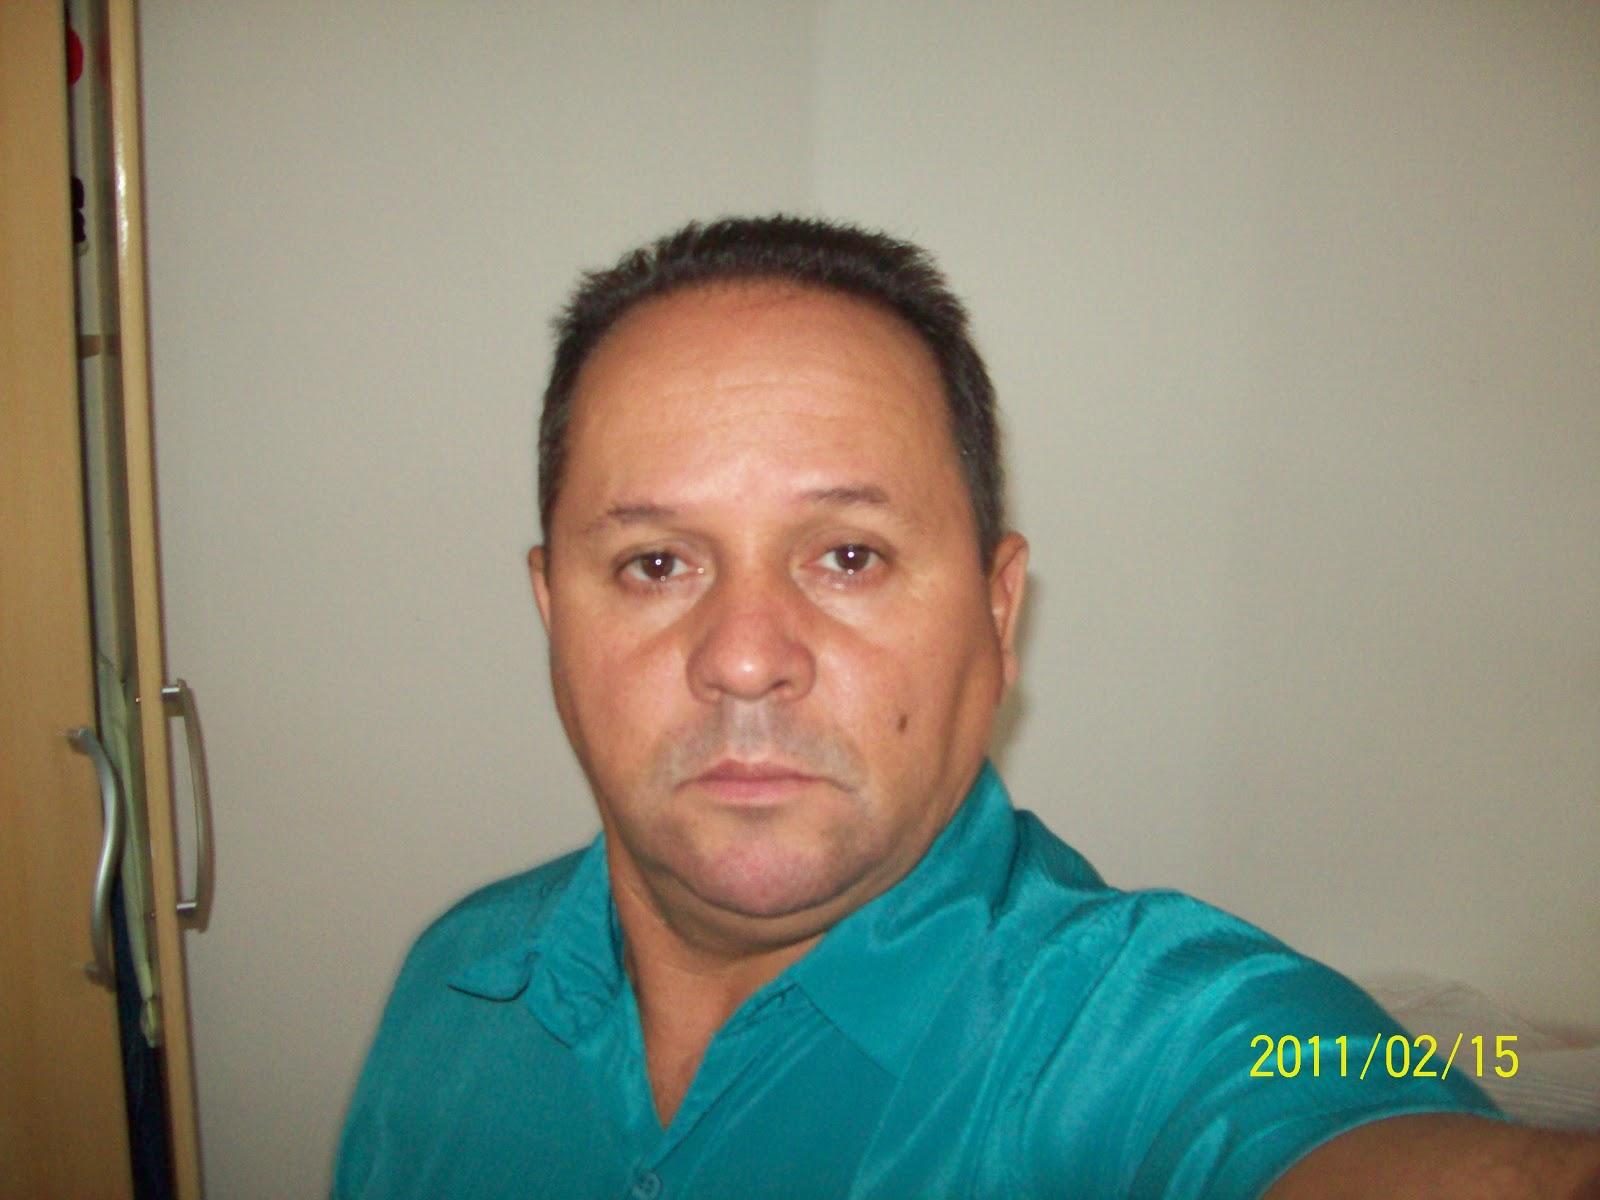 image Casal no motelzao com sentada a onmilfcom